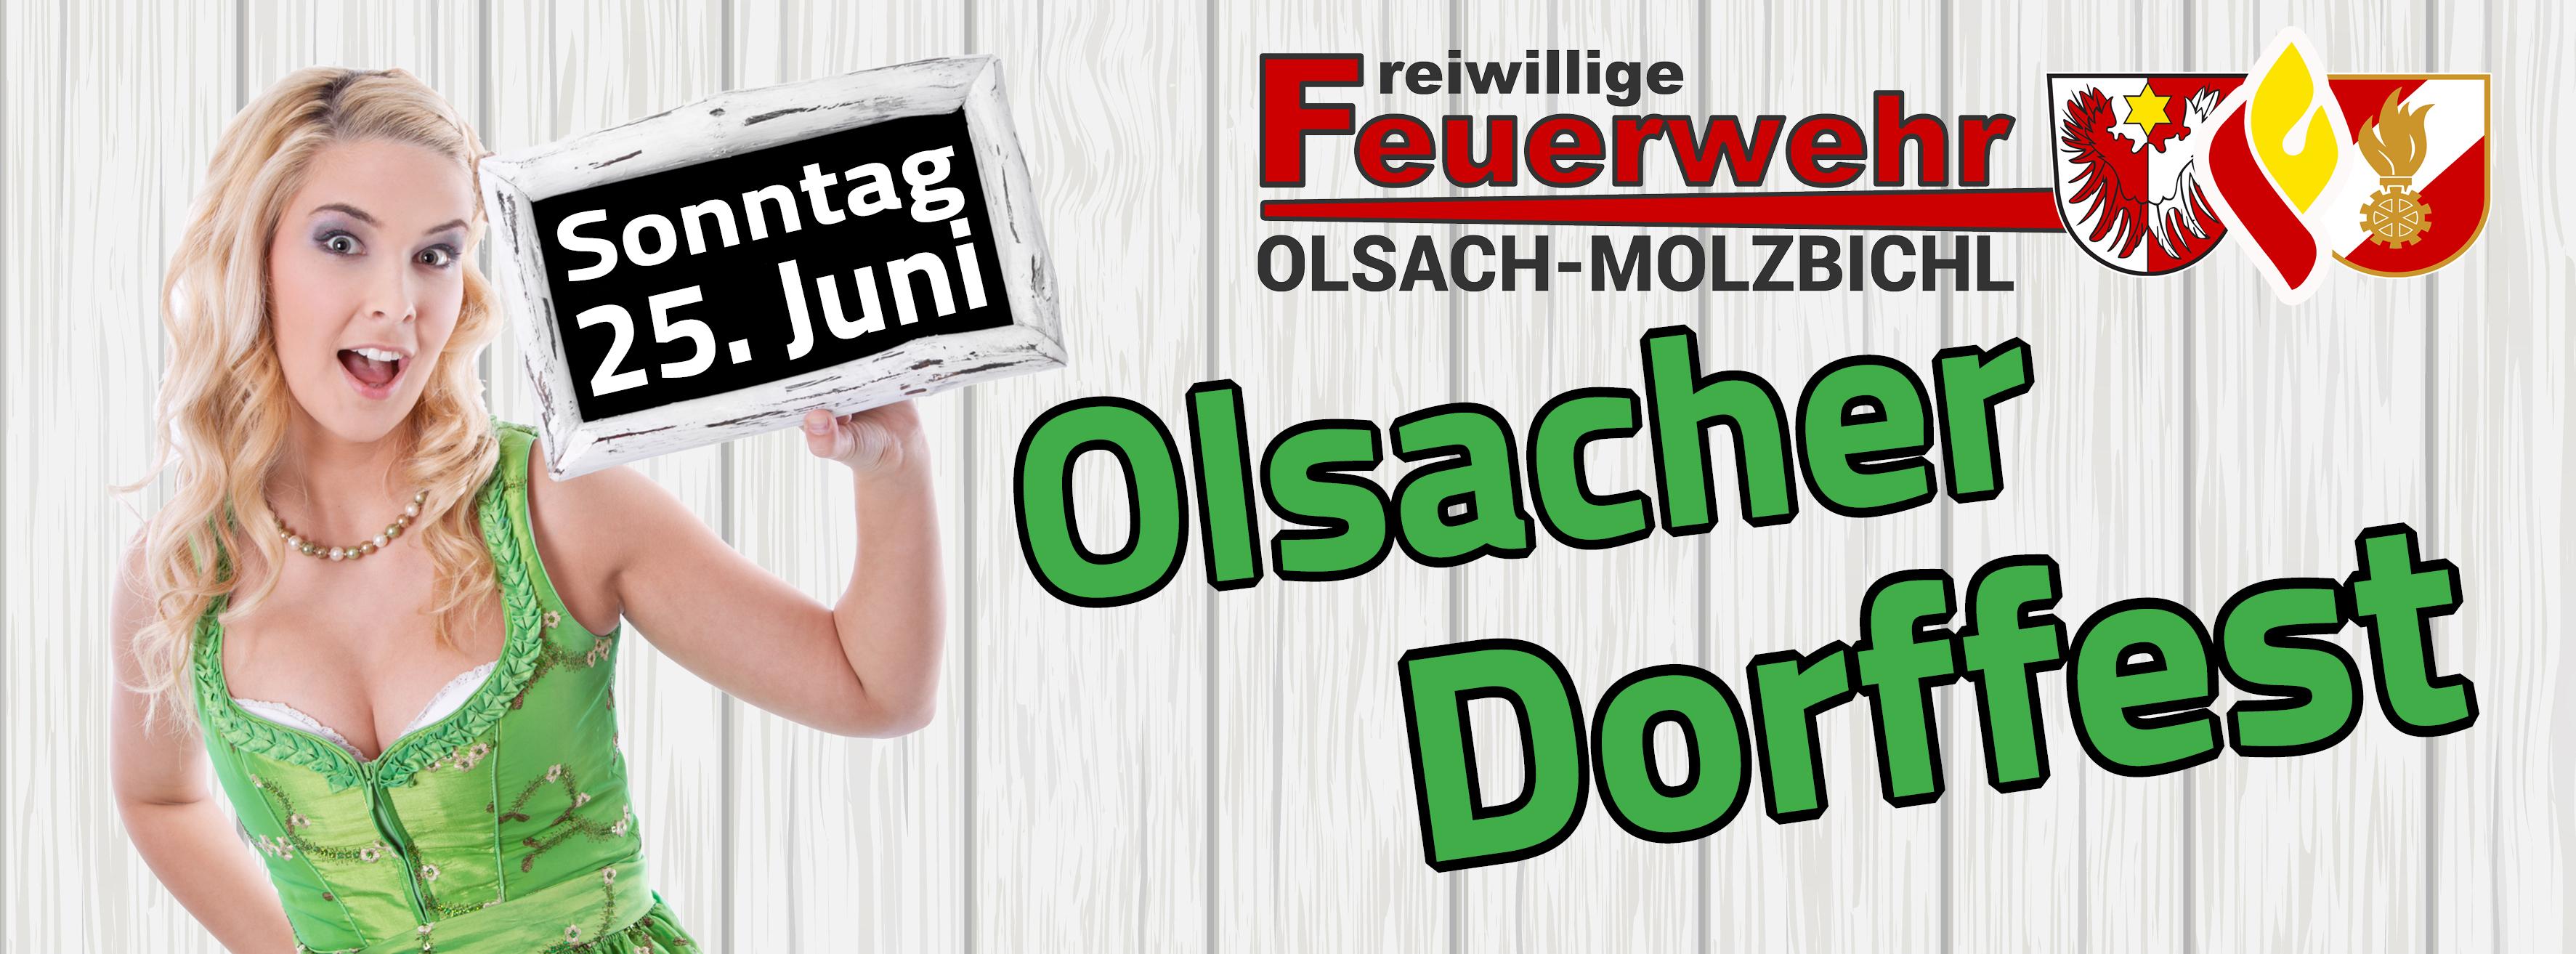 Feuerwehr Olsach-Molzbichl